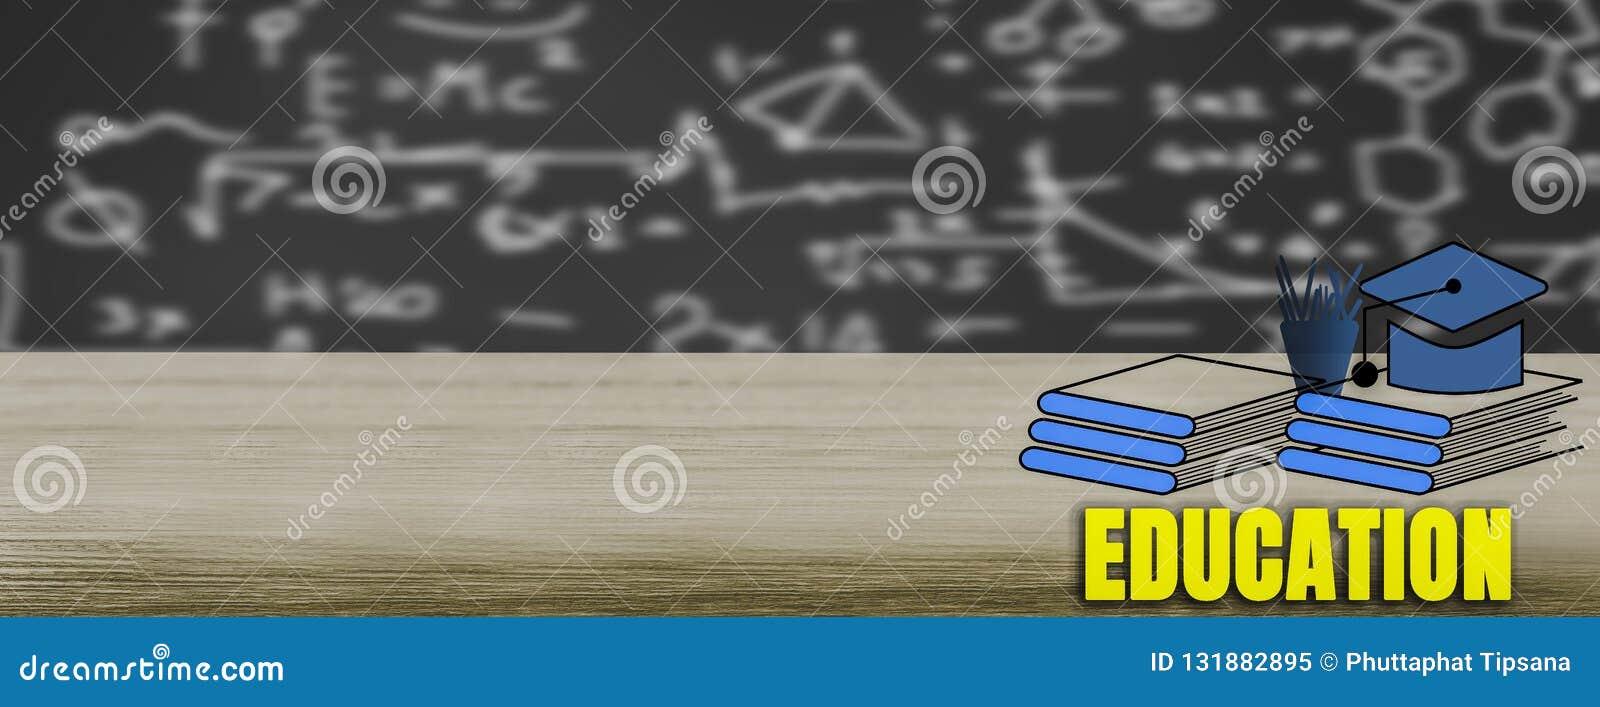 Drewniany stół z książkowej sterty ikonami z chalkboard tłem, P